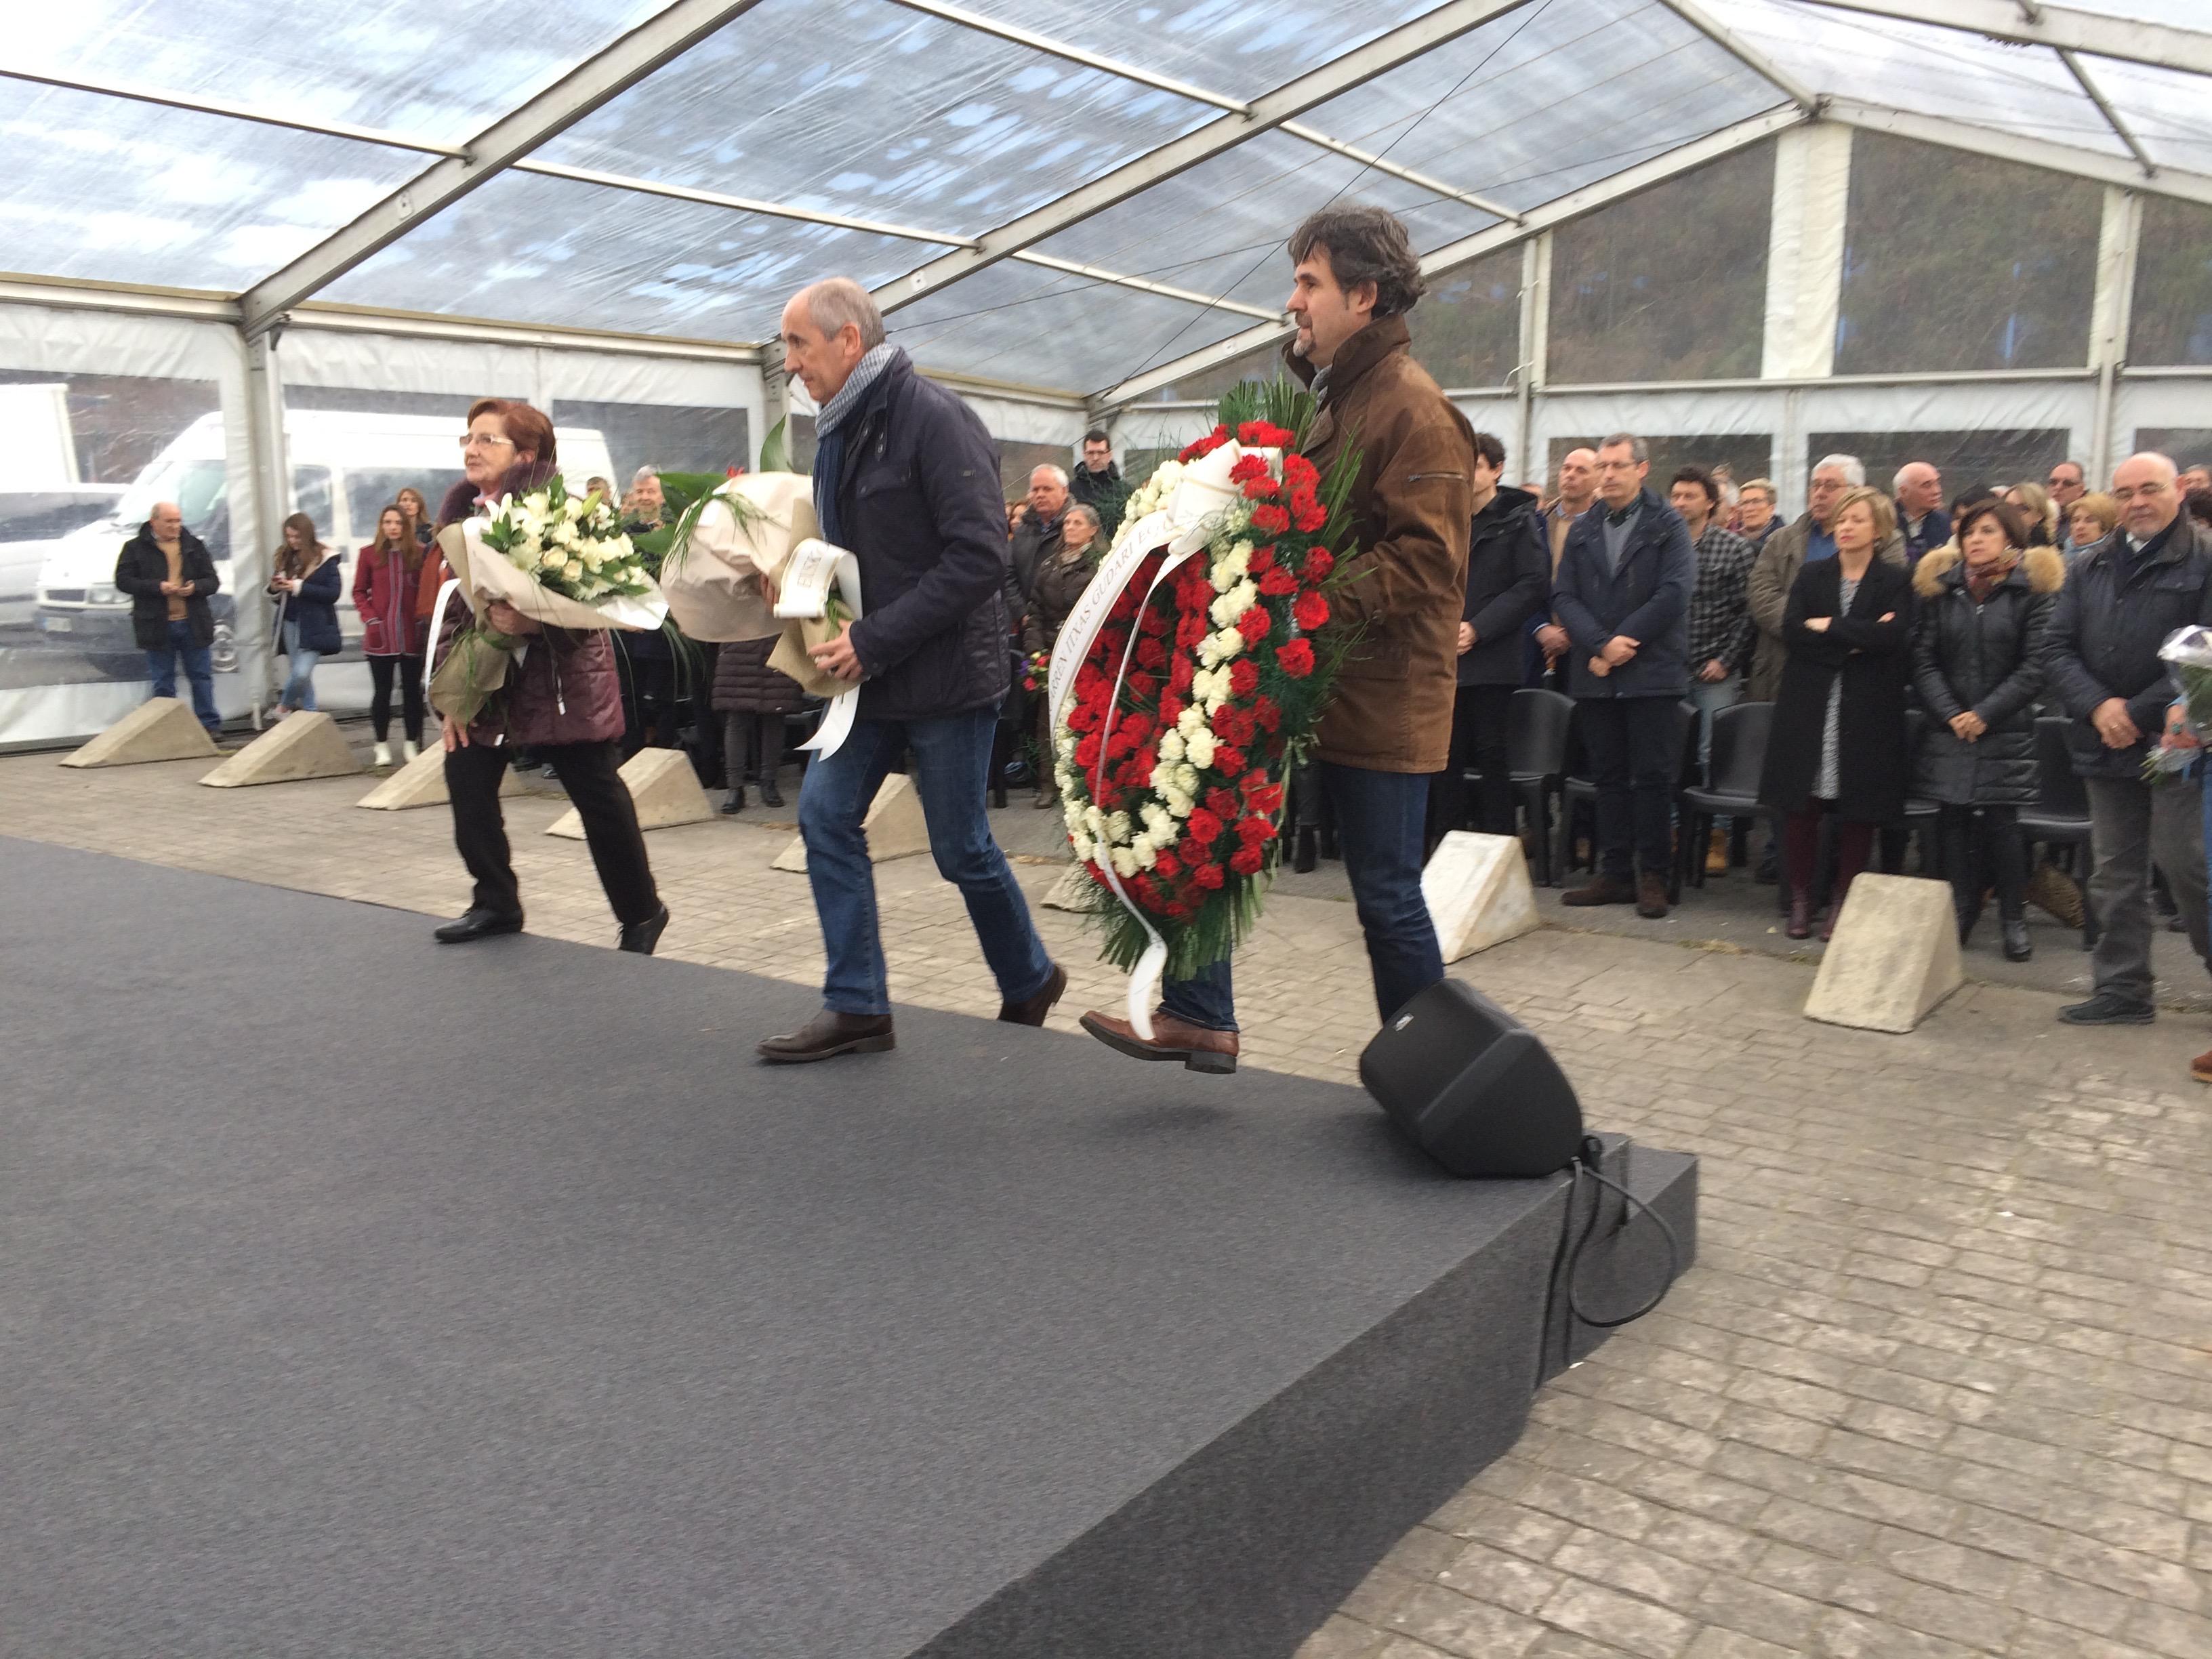 La ofrenda floral que se realizó durante el homenaje